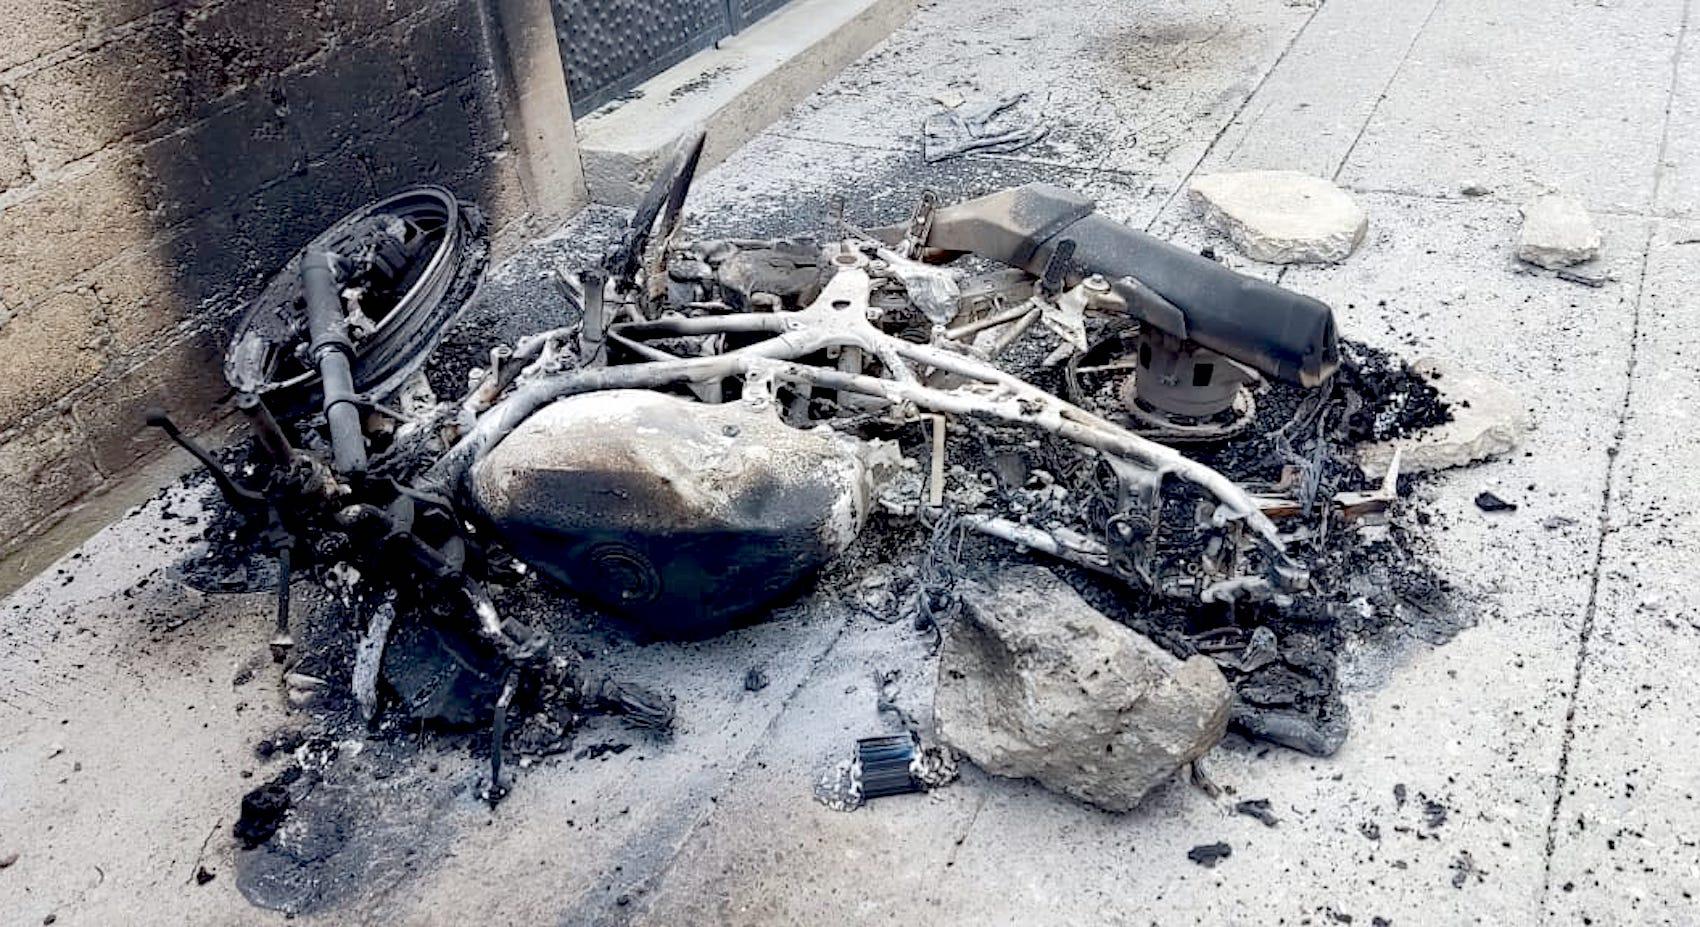 Motocicleta de policía quemada en Civac tras enfrentamiento